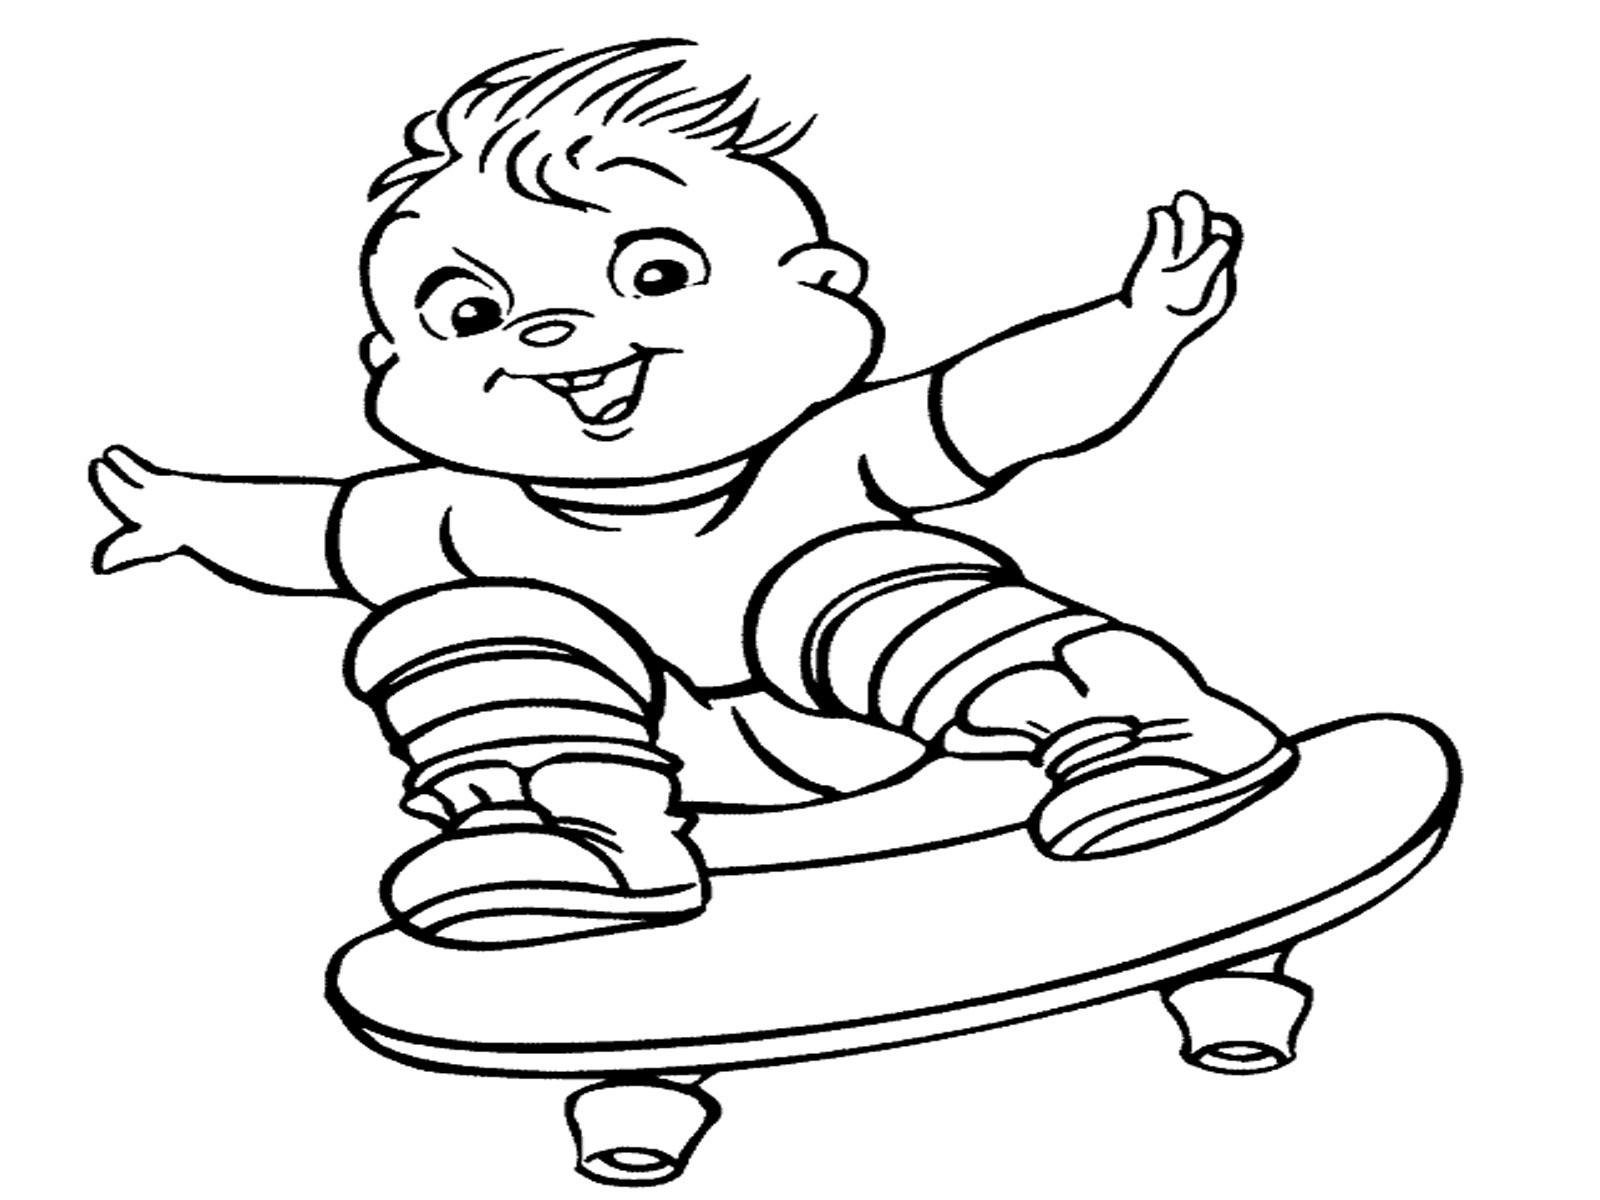 Alvin Und Die Chipmunks Ausmalbilder Einzigartig Malvorlagen Fur Kinder Ausmalbilder Chipmunks Kostenlos Page 3 Sammlung